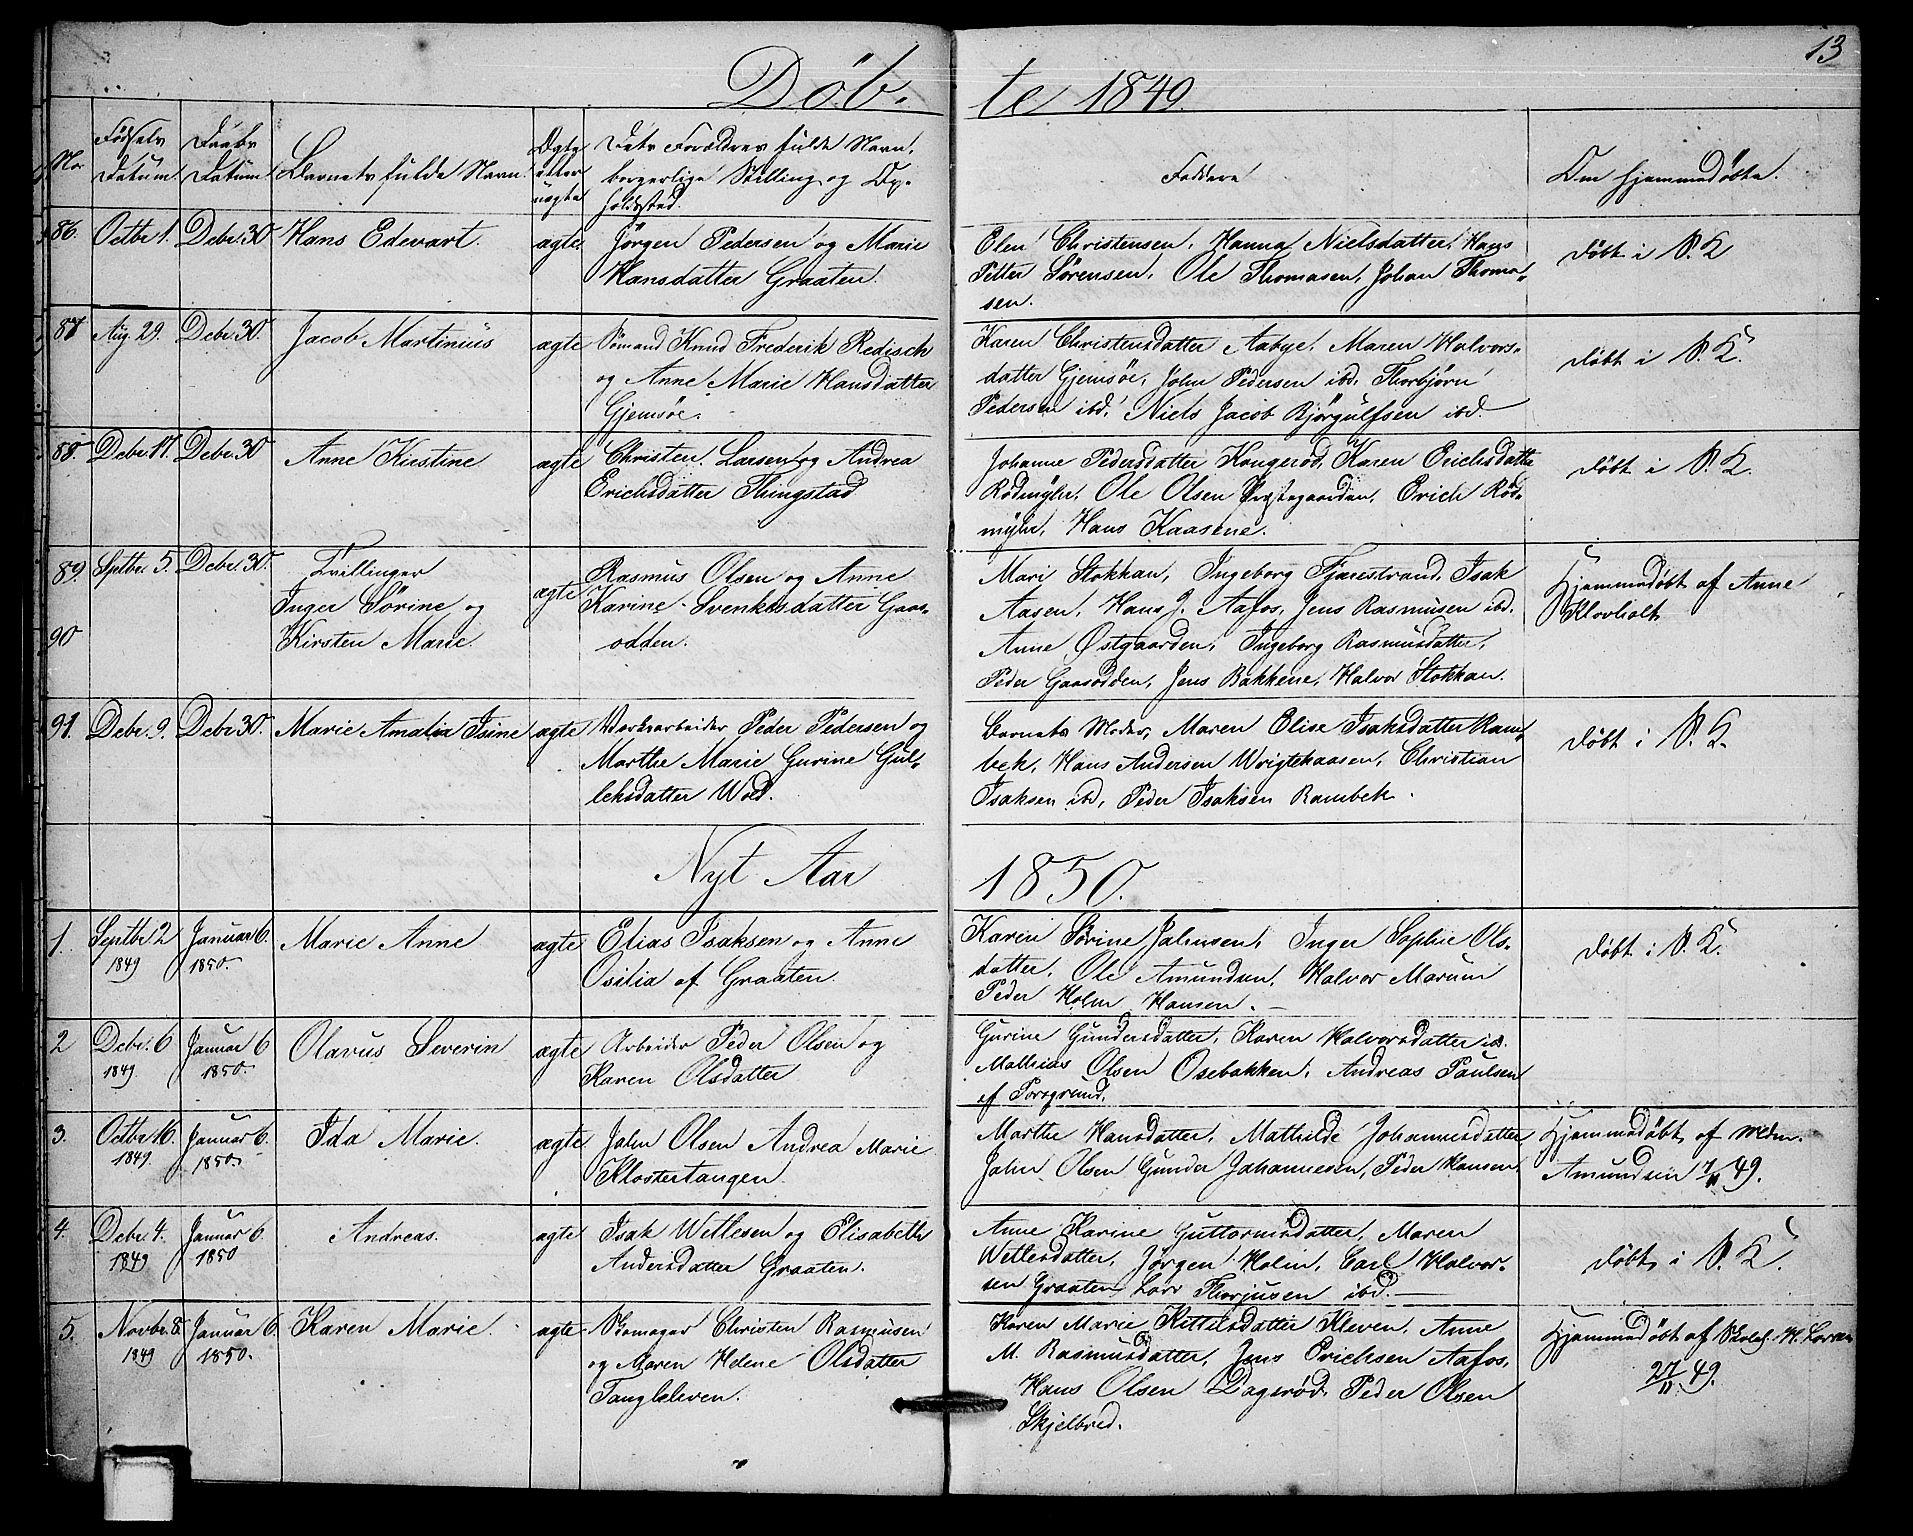 SAKO, Solum kirkebøker, G/Ga/L0003: Klokkerbok nr. I 3, 1848-1859, s. 13